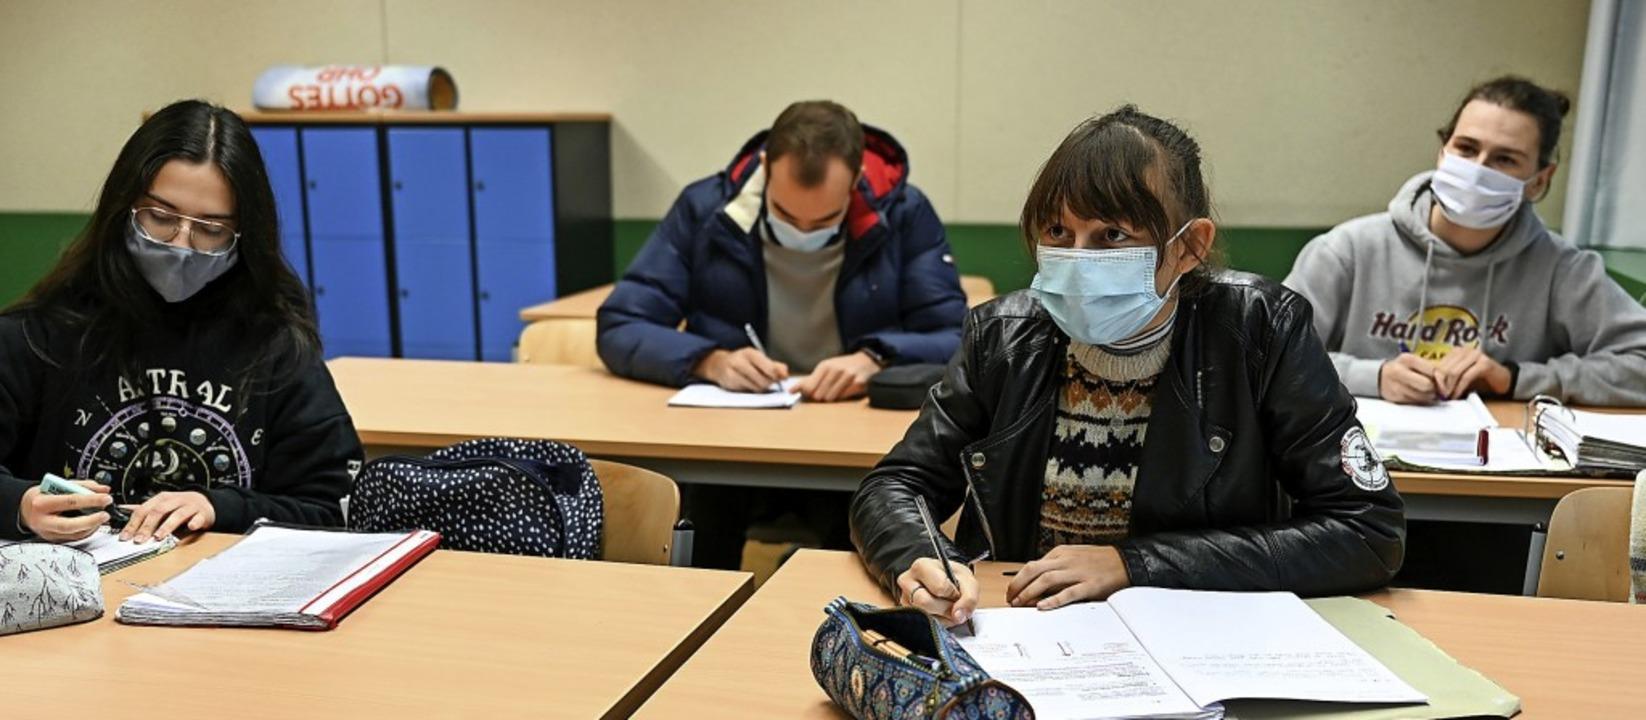 Unterricht mit Maske: Der Schutz vor d...us verlangt einschneidende Maßnahmen.   | Foto: Felix Kästle (dpa)